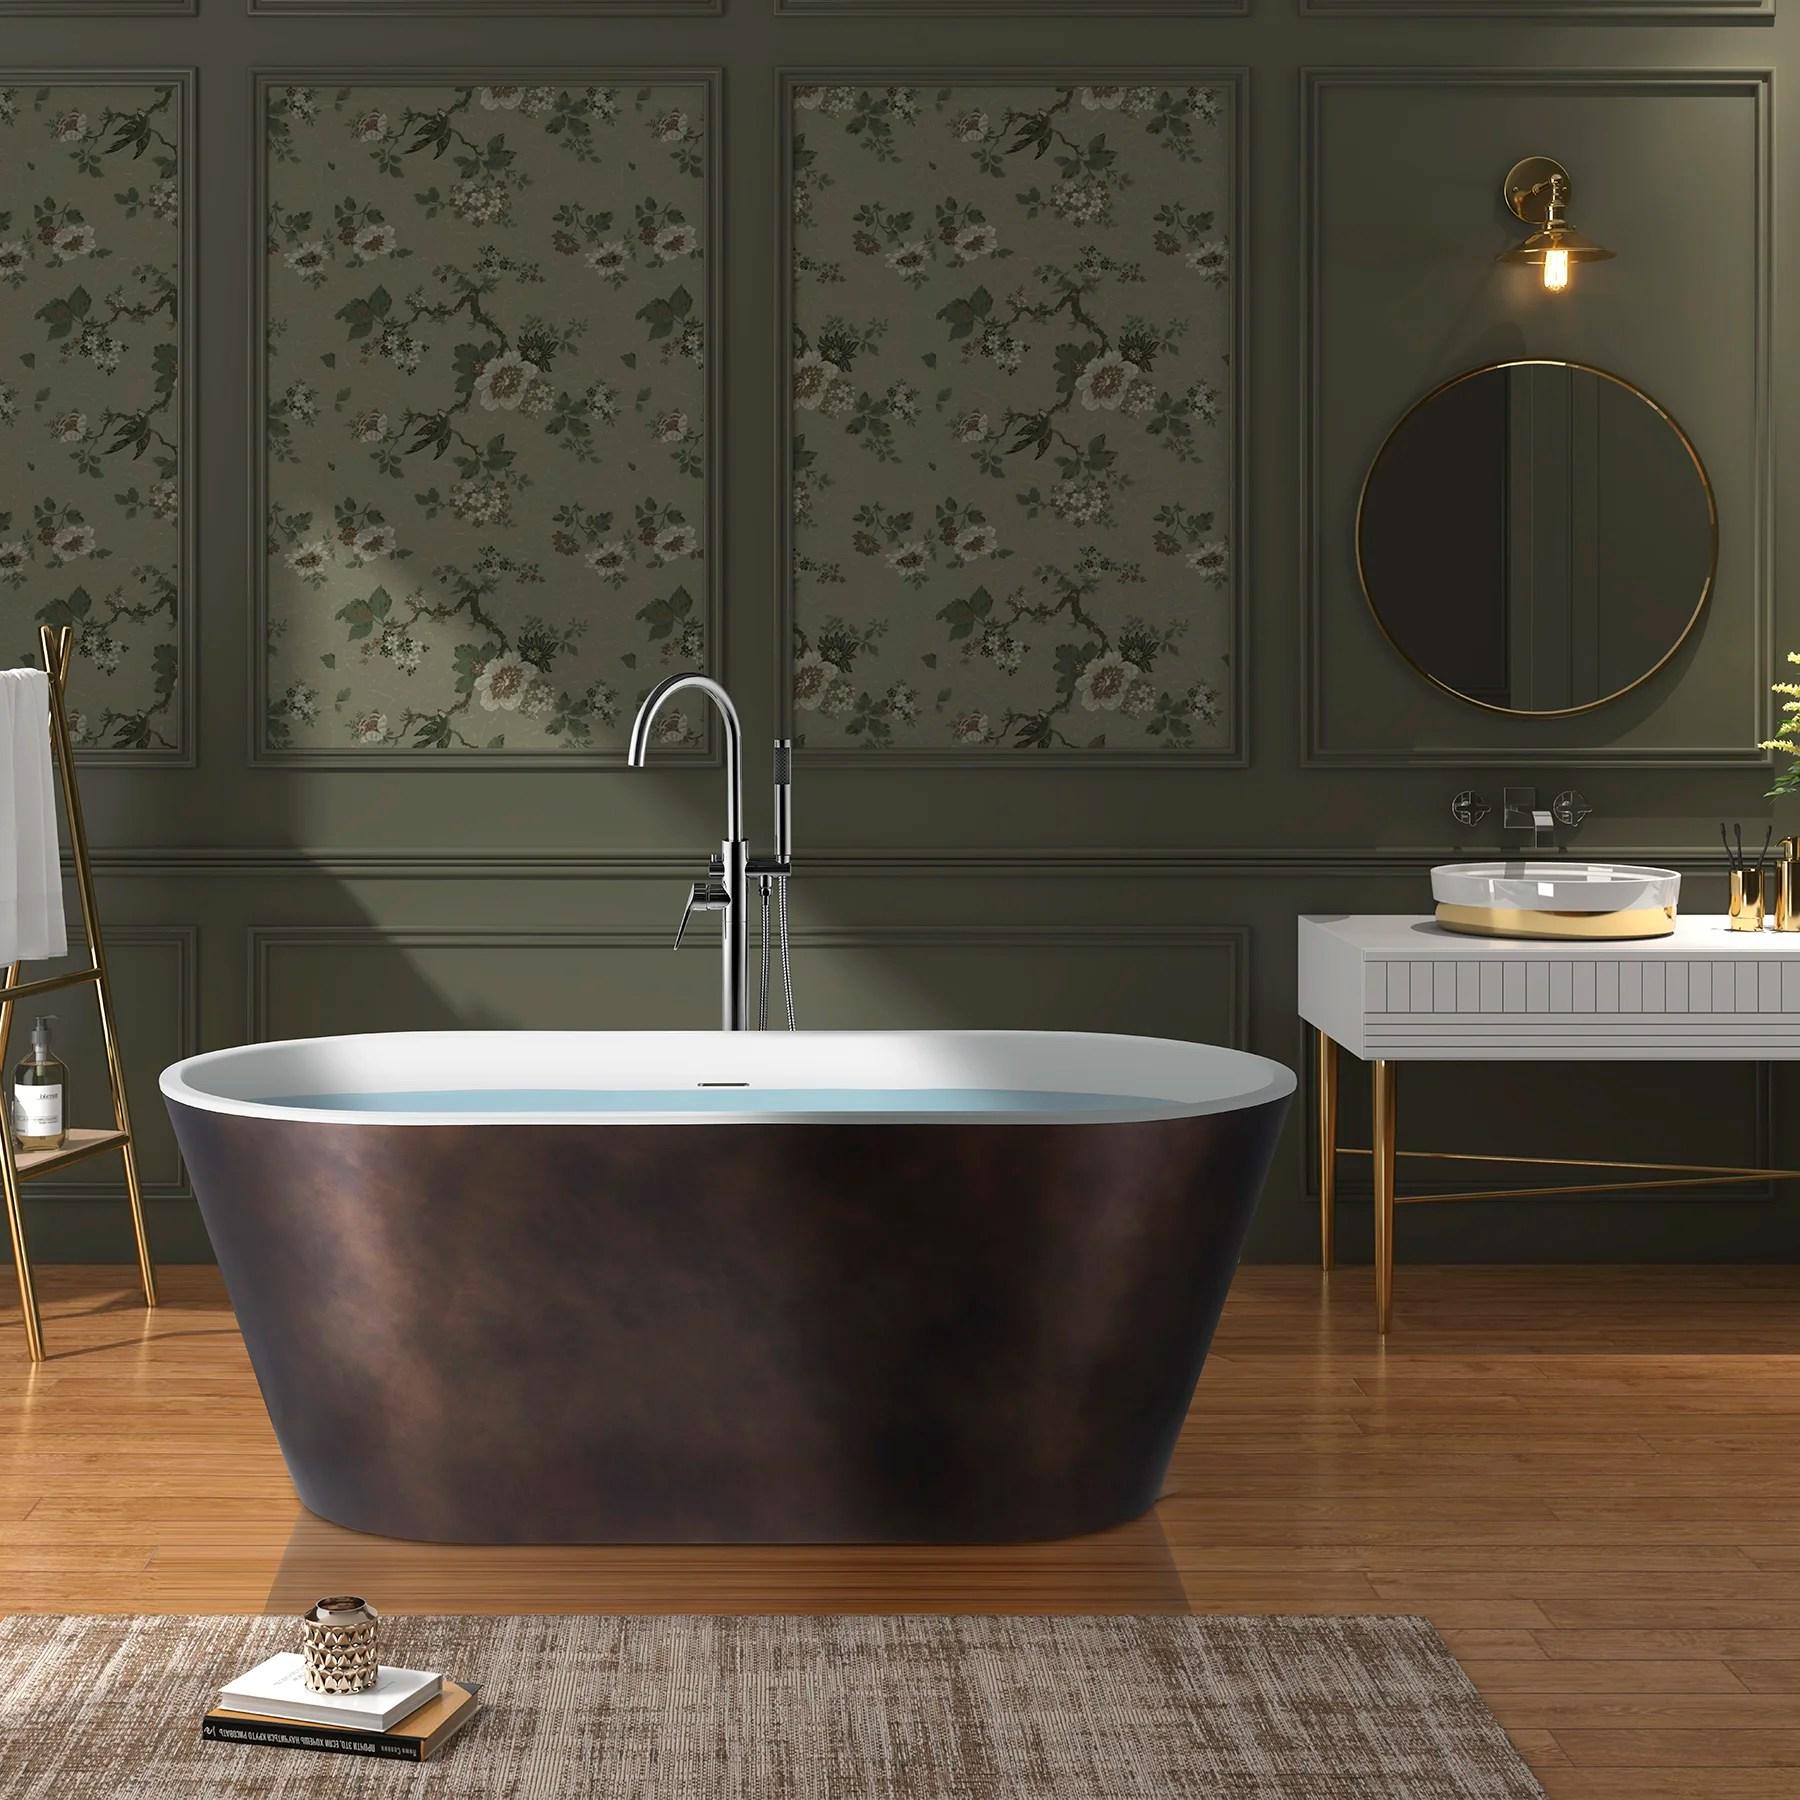 Akdy Freestanding Bathtub 67 Inch Matt Antique Brass Acrylic Bathtub Modern Stand Alone Tub Wayfair Ca